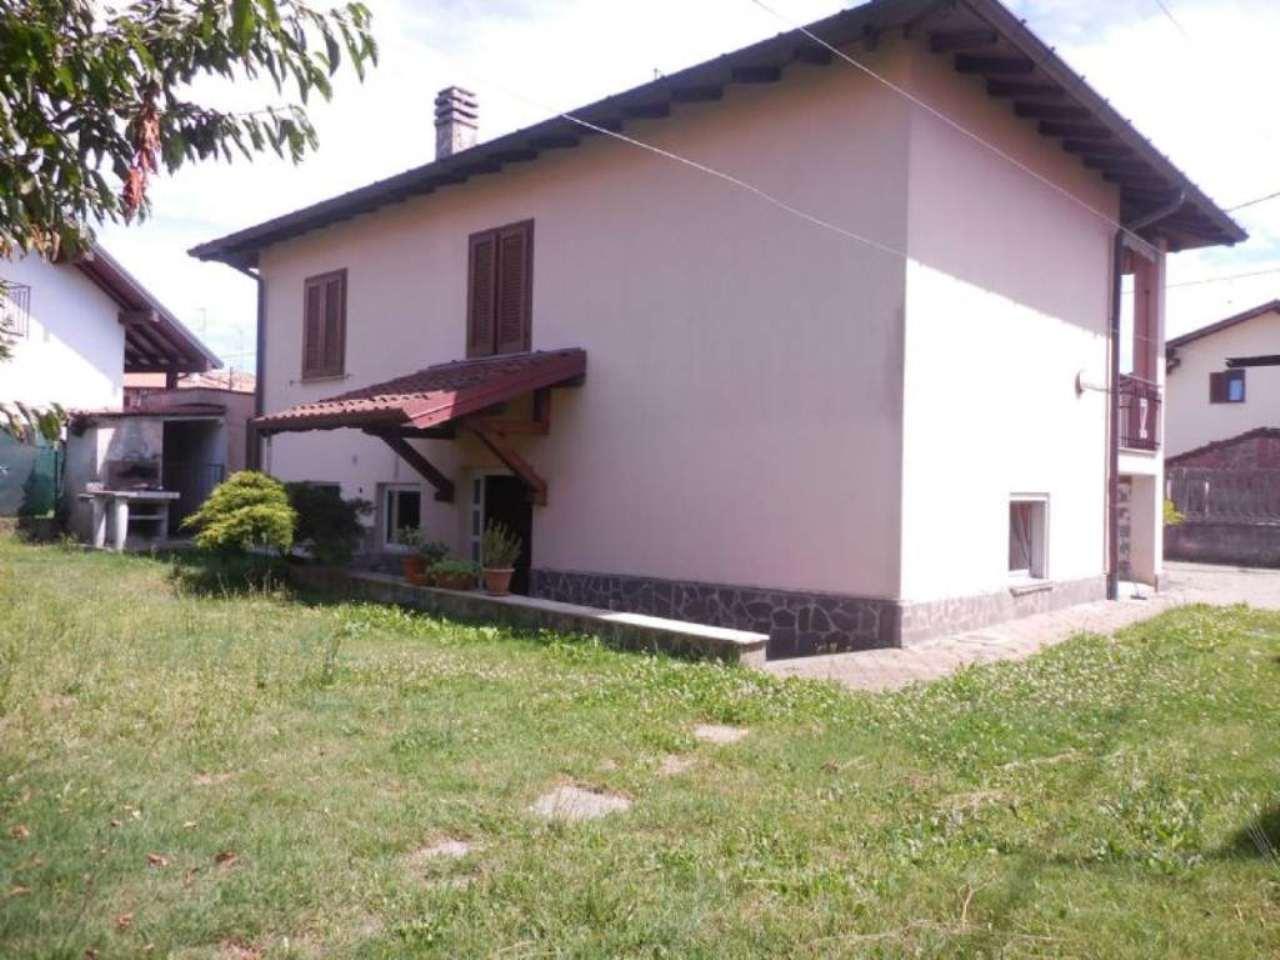 Villa in vendita a Besnate, 4 locali, prezzo € 260.000 | Cambio Casa.it